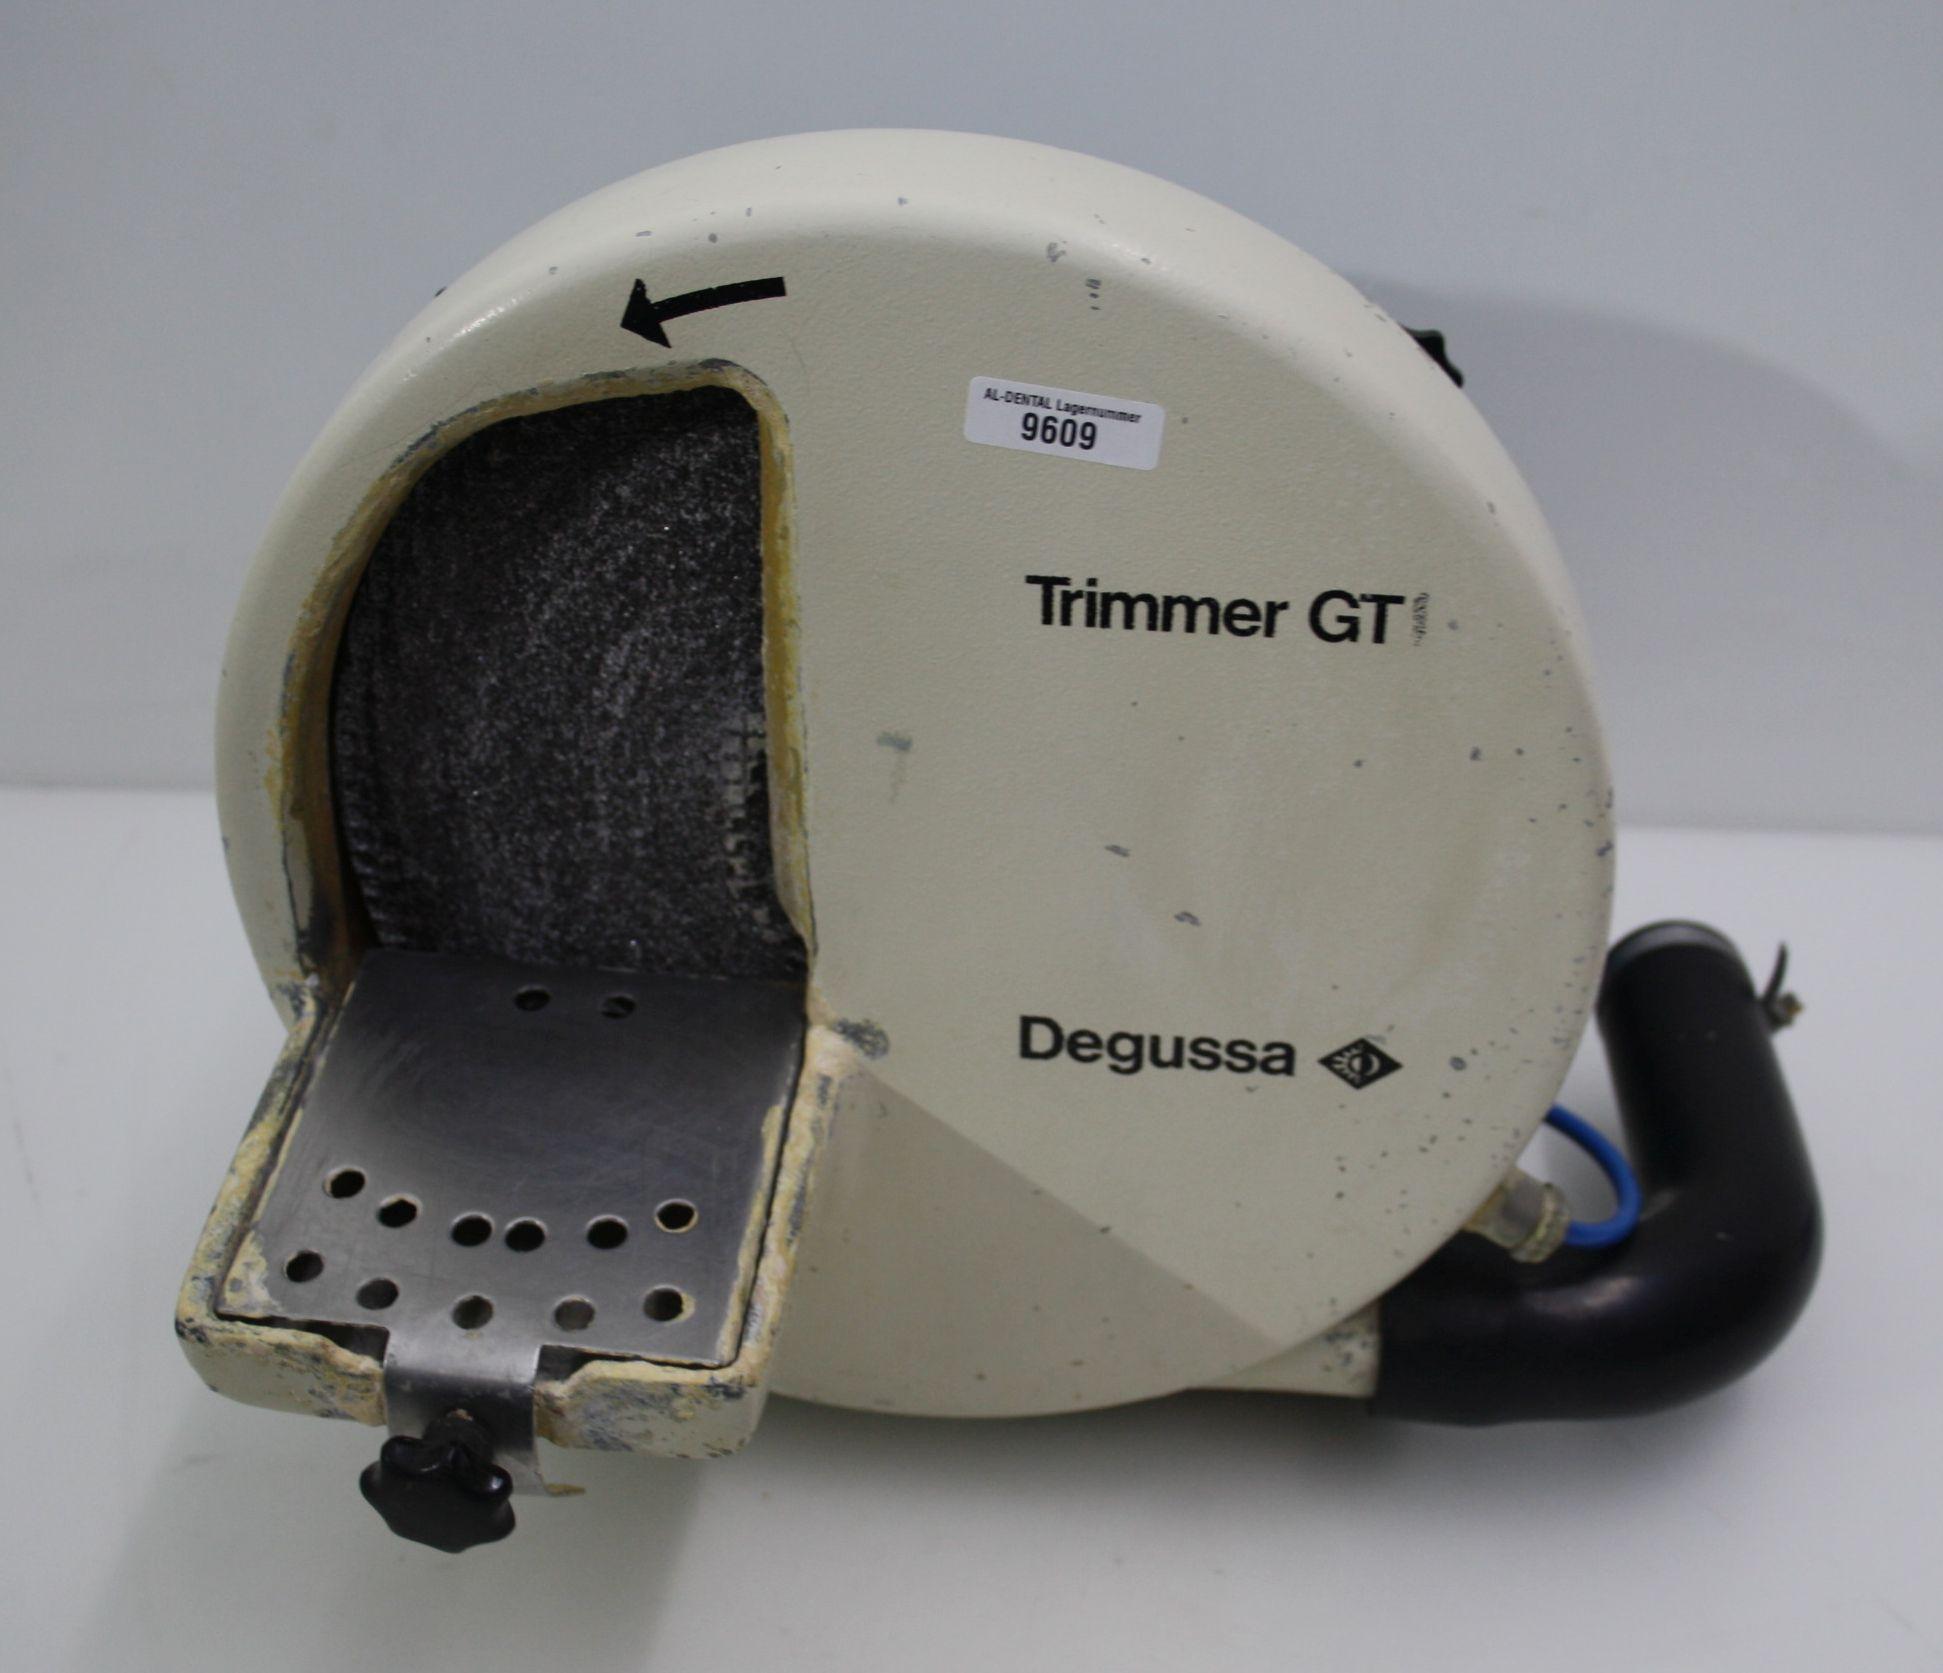 DEGUSSA Trimmer / Gipstrimmer / Nasstrimmer Typ GT # 9609